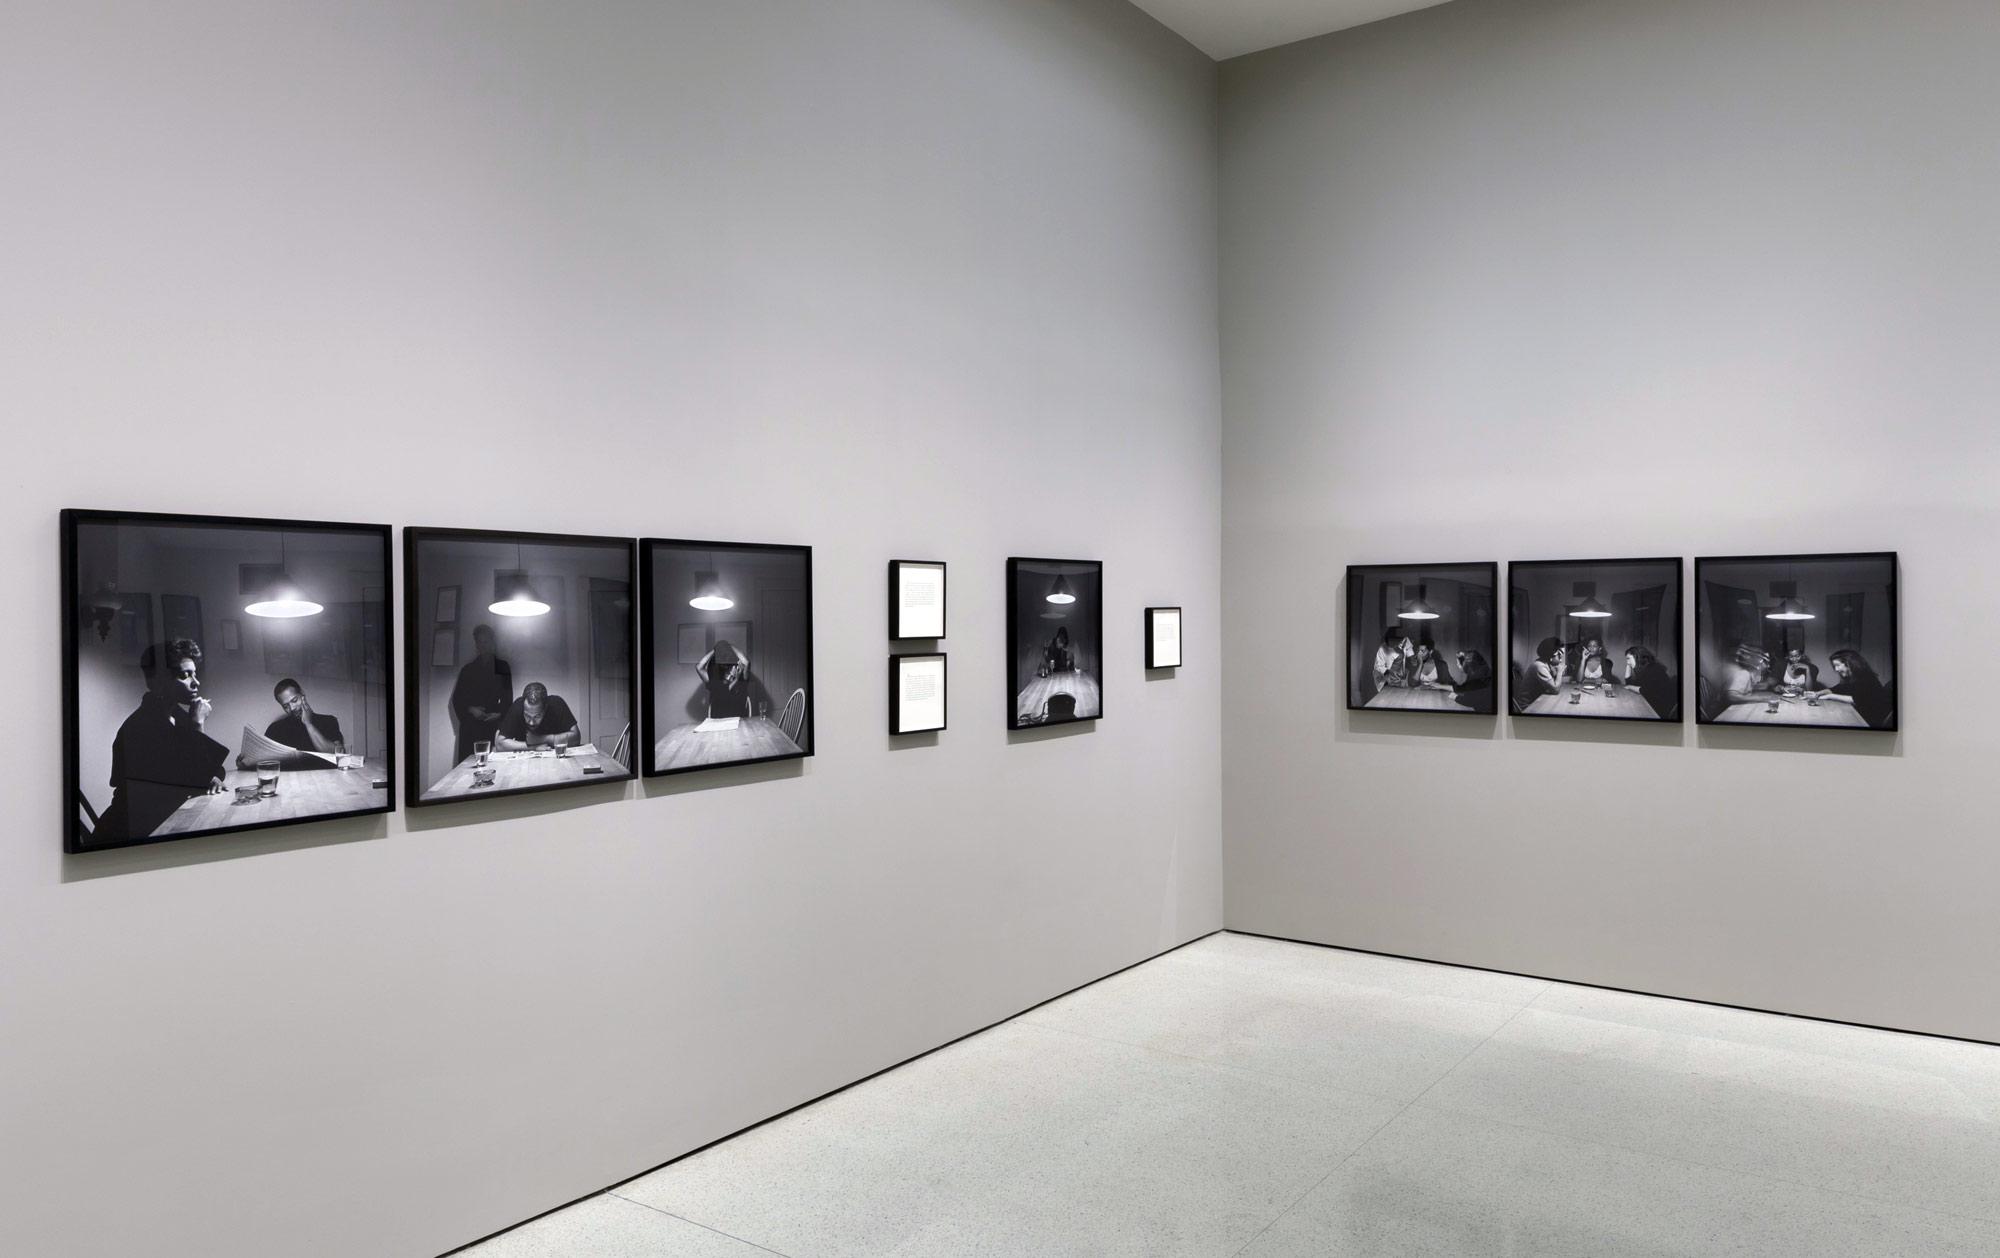 Pol Bury (Guggenheim Museum, New York)